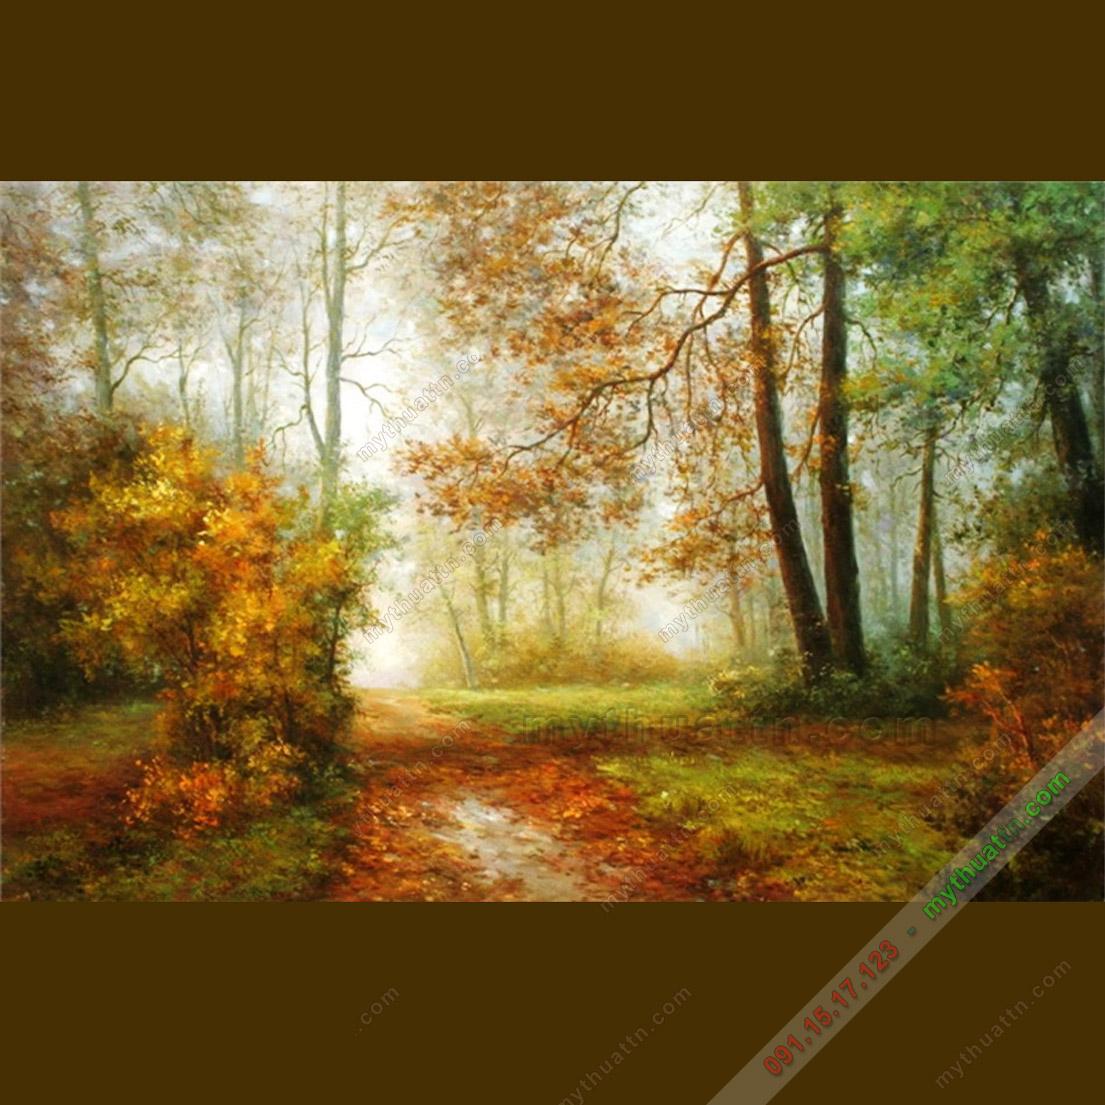 Tranh sơn dầu phong cảnh mùa thu vàng